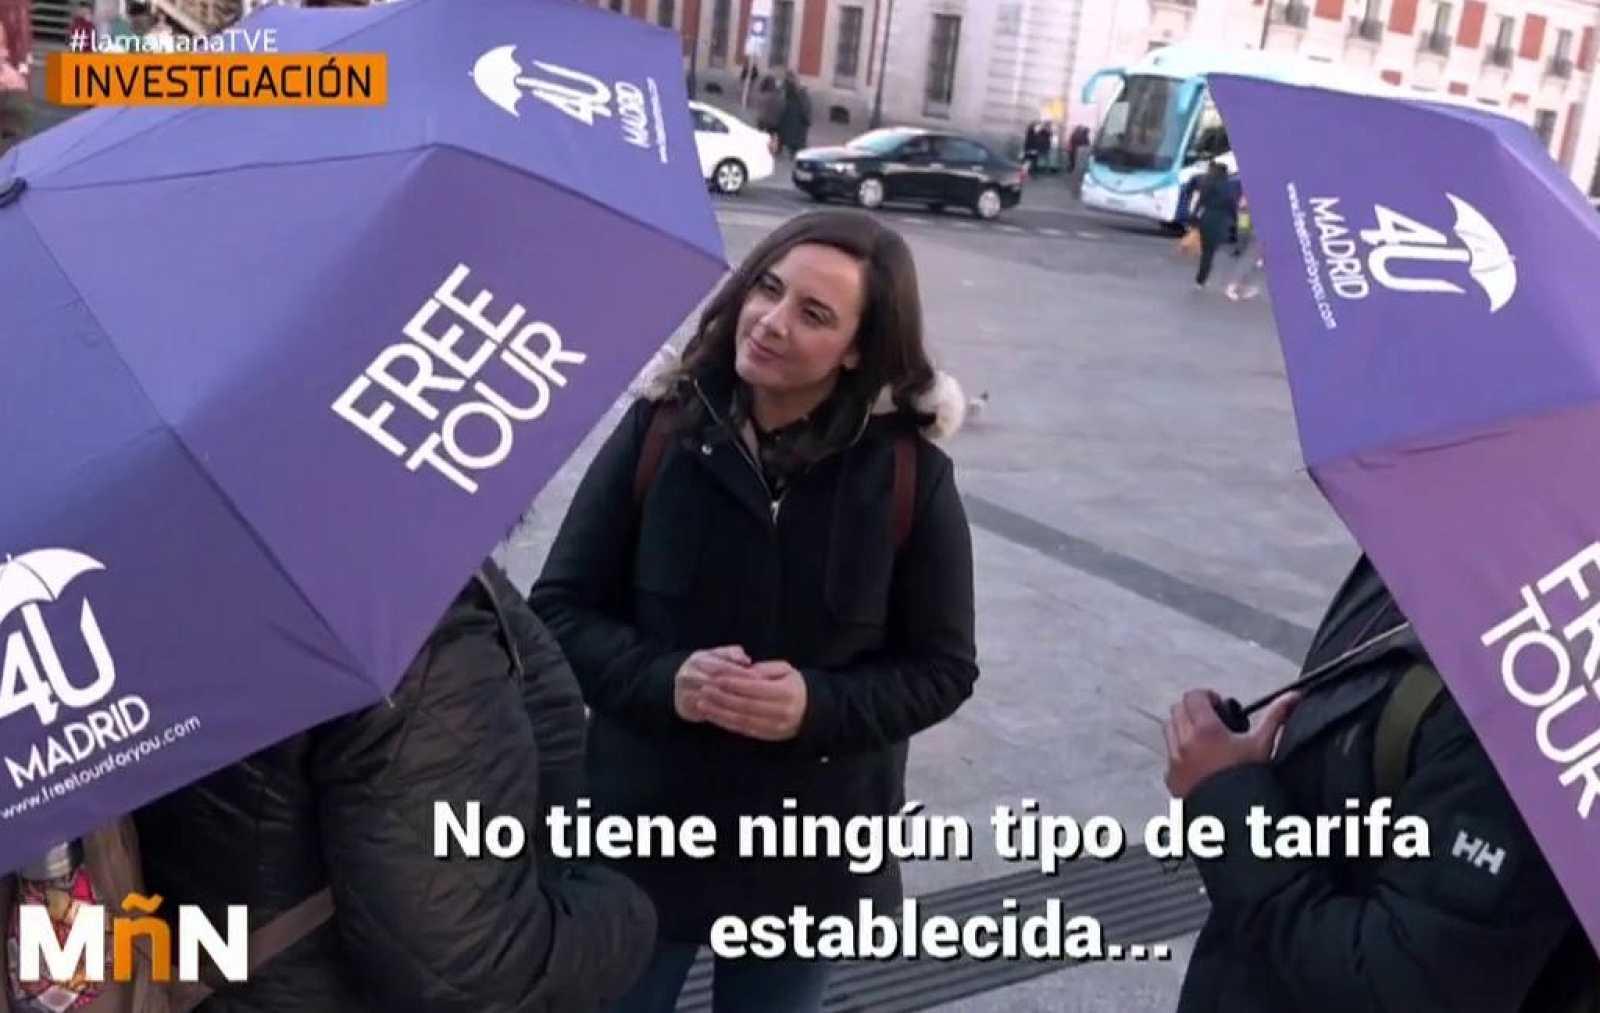 La Mañana - Los guías turísticos ilegales conocidos como free tours proliferan en España